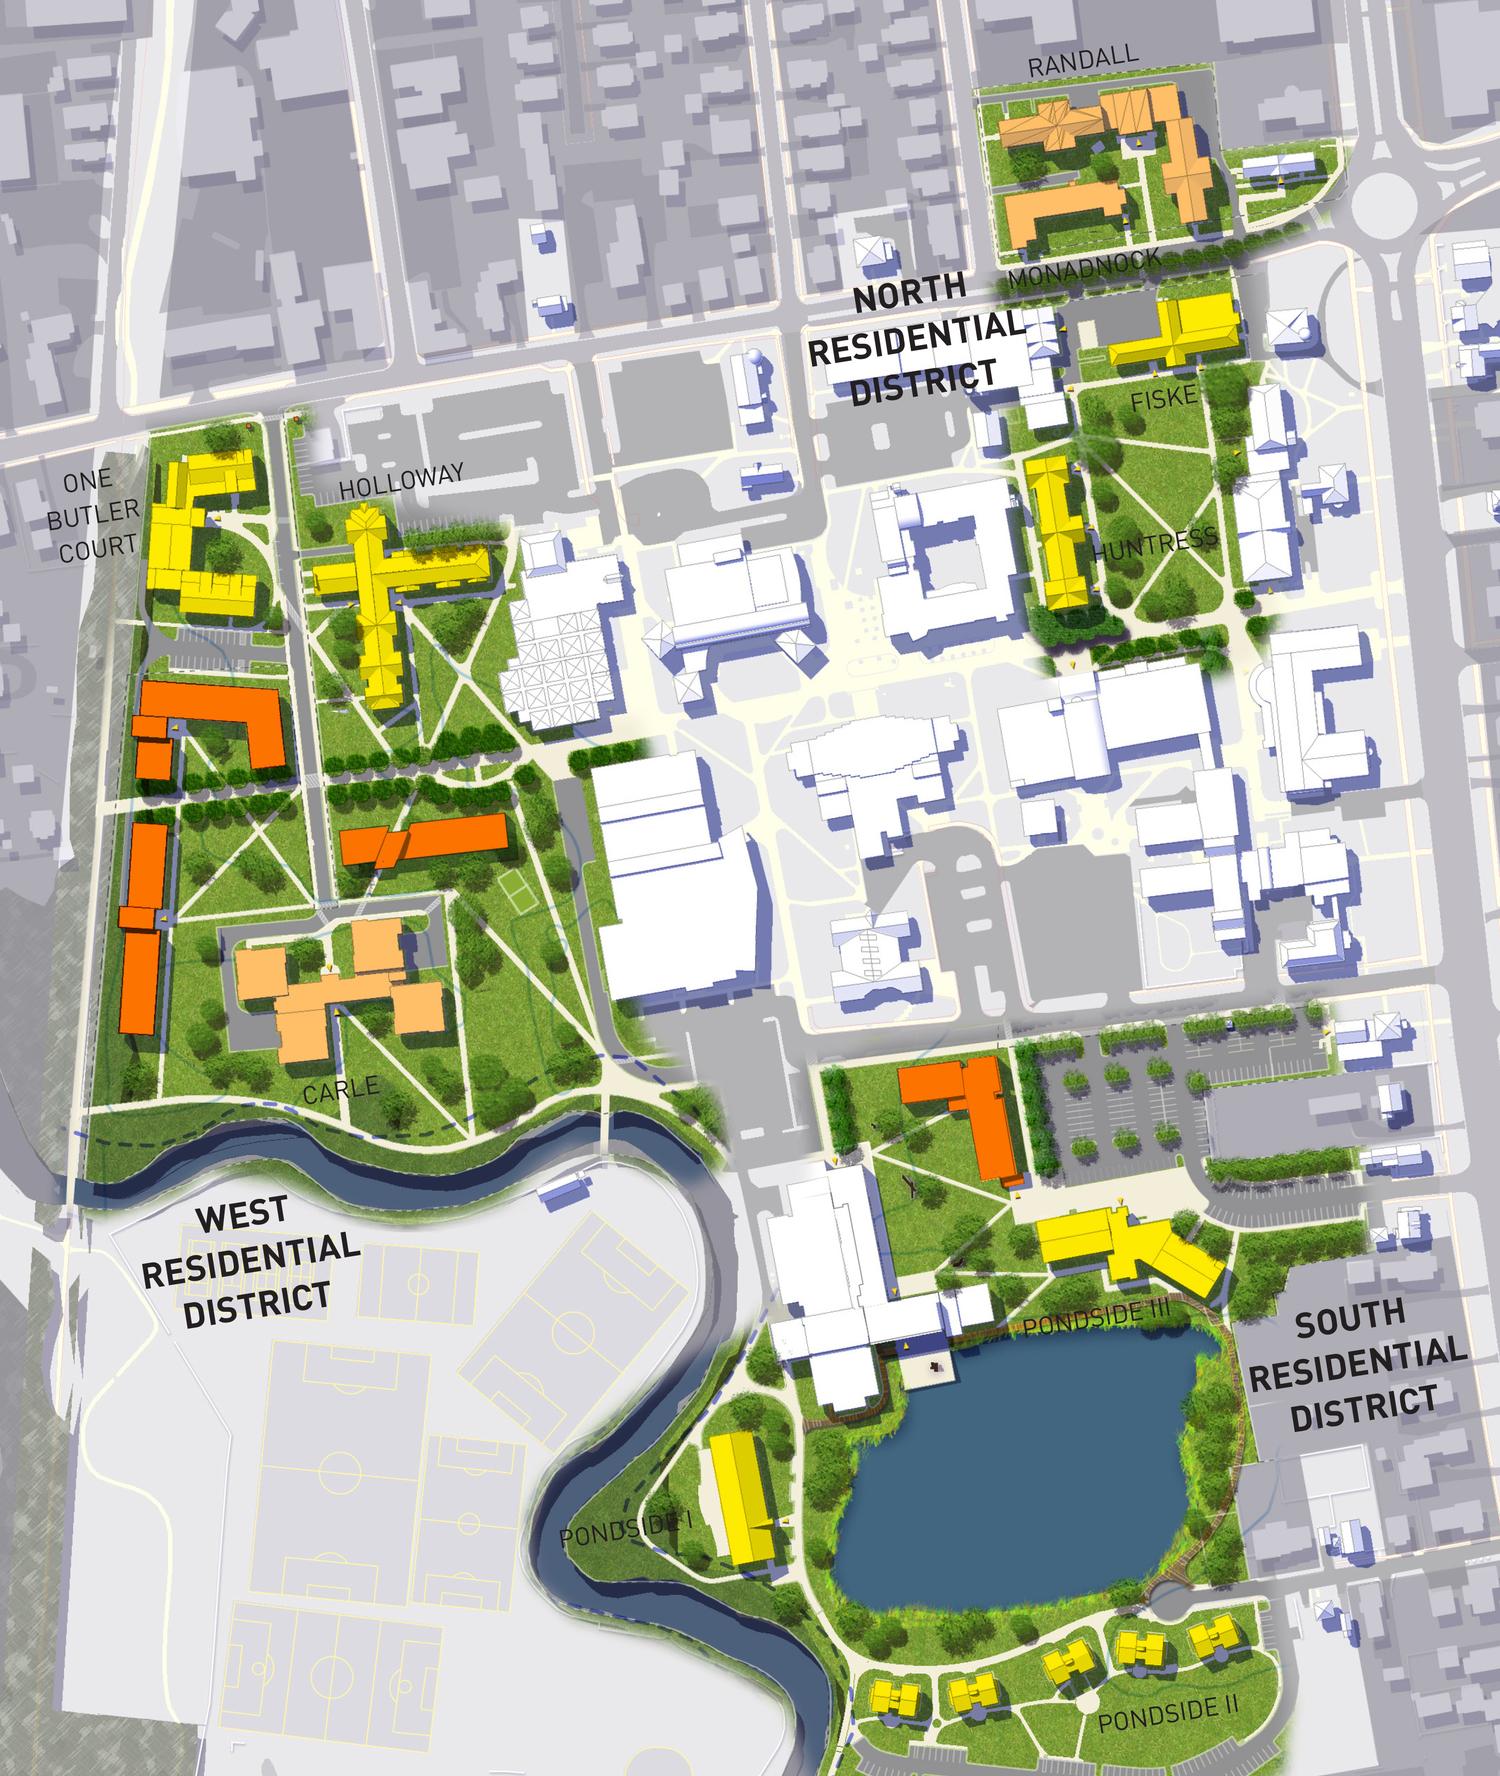 Keene State College Campus Master Plan Hedlund Design Group